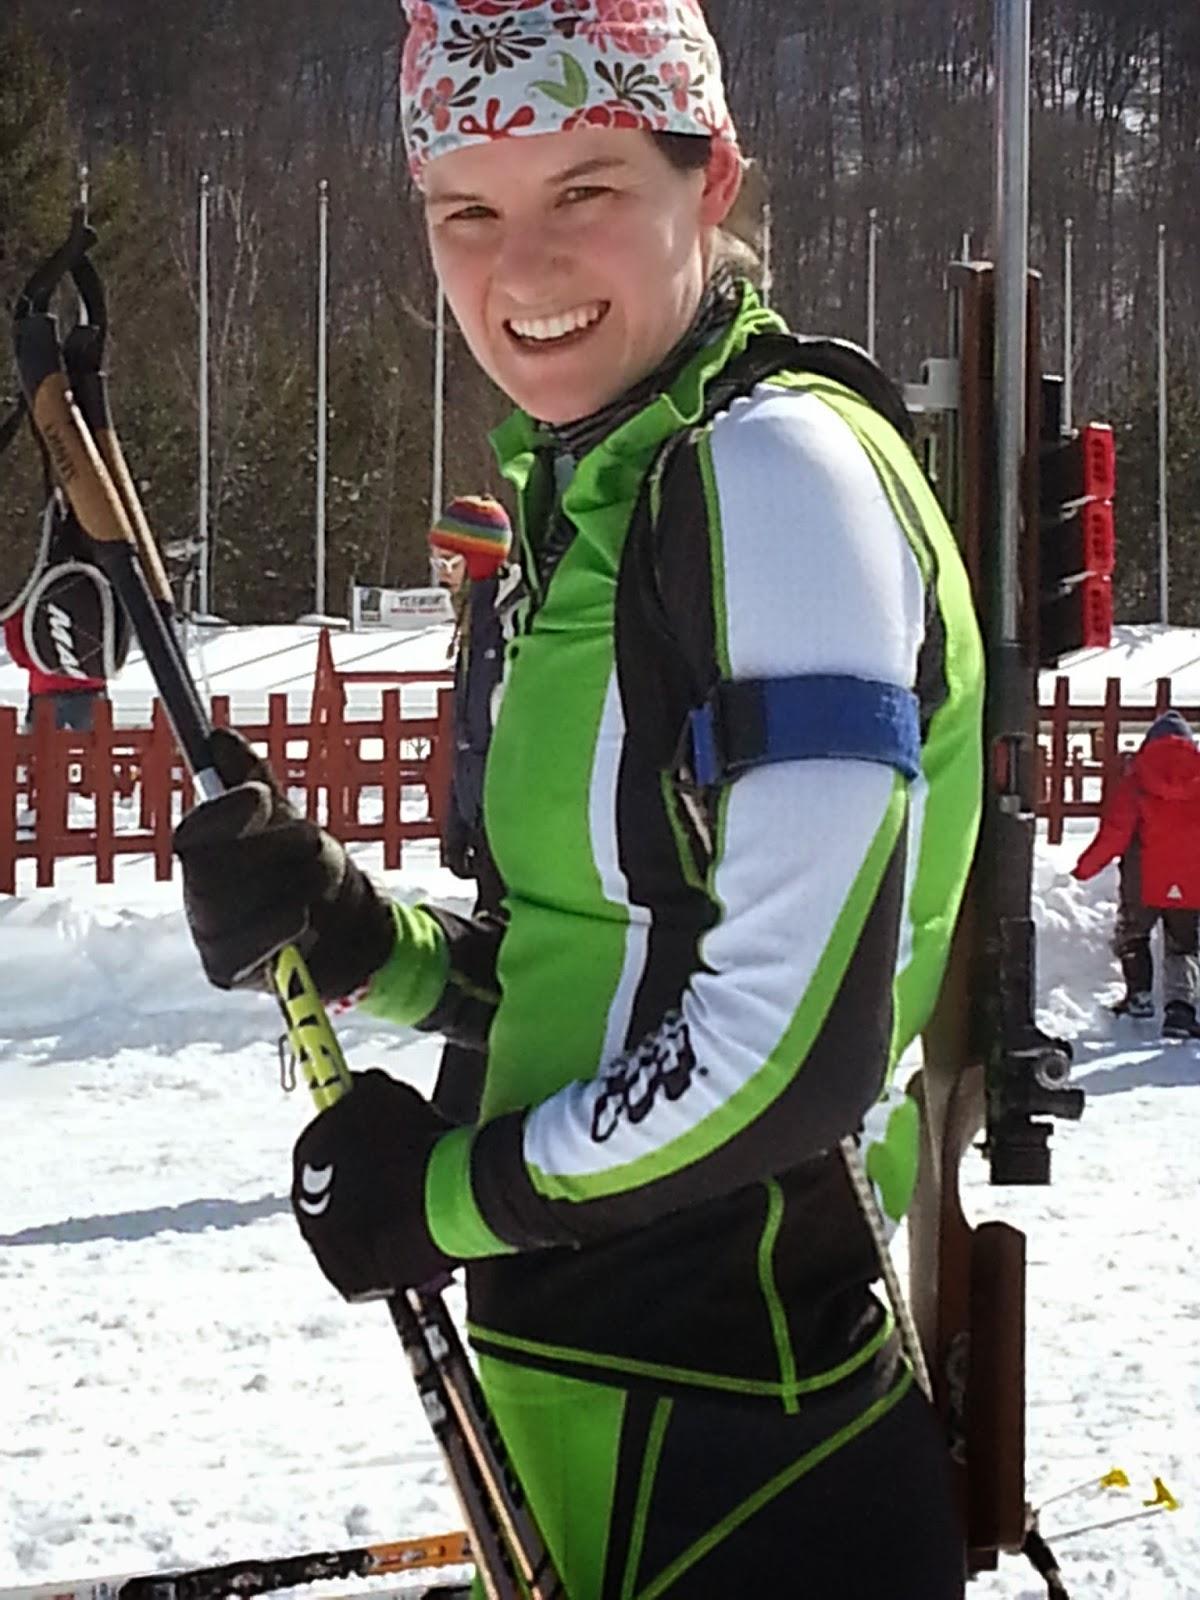 Clare Egan